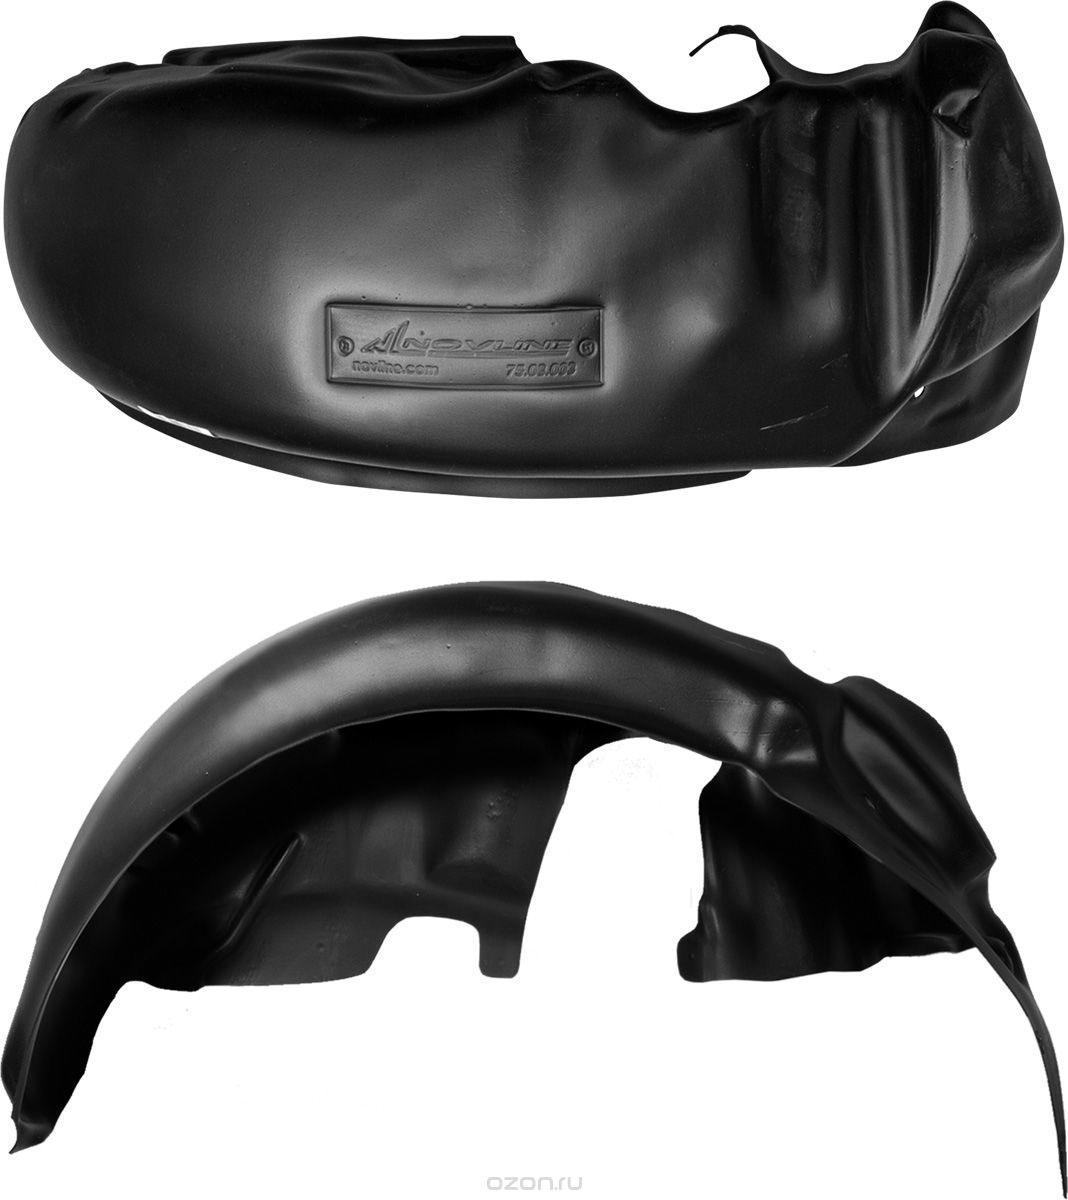 Подкрылок Novline-Autofamily, для Toyota Hilux, 09/2015->, пикап, задний левыйNLL.48.62.003Идеальная защита колесной ниши. Локеры разработаны с применением цифровых технологий, гарантируют максимальную повторяемость поверхности арки. Изделия устанавливаются без нарушения лакокрасочного покрытия автомобиля, каждый подкрылок комплектуется крепежом. Уважаемые клиенты, обращаем ваше внимание, что фотографии на подкрылки универсальные и не отражают реальную форму изделия. При этом само изделие идет точно под размер указанного автомобиля.